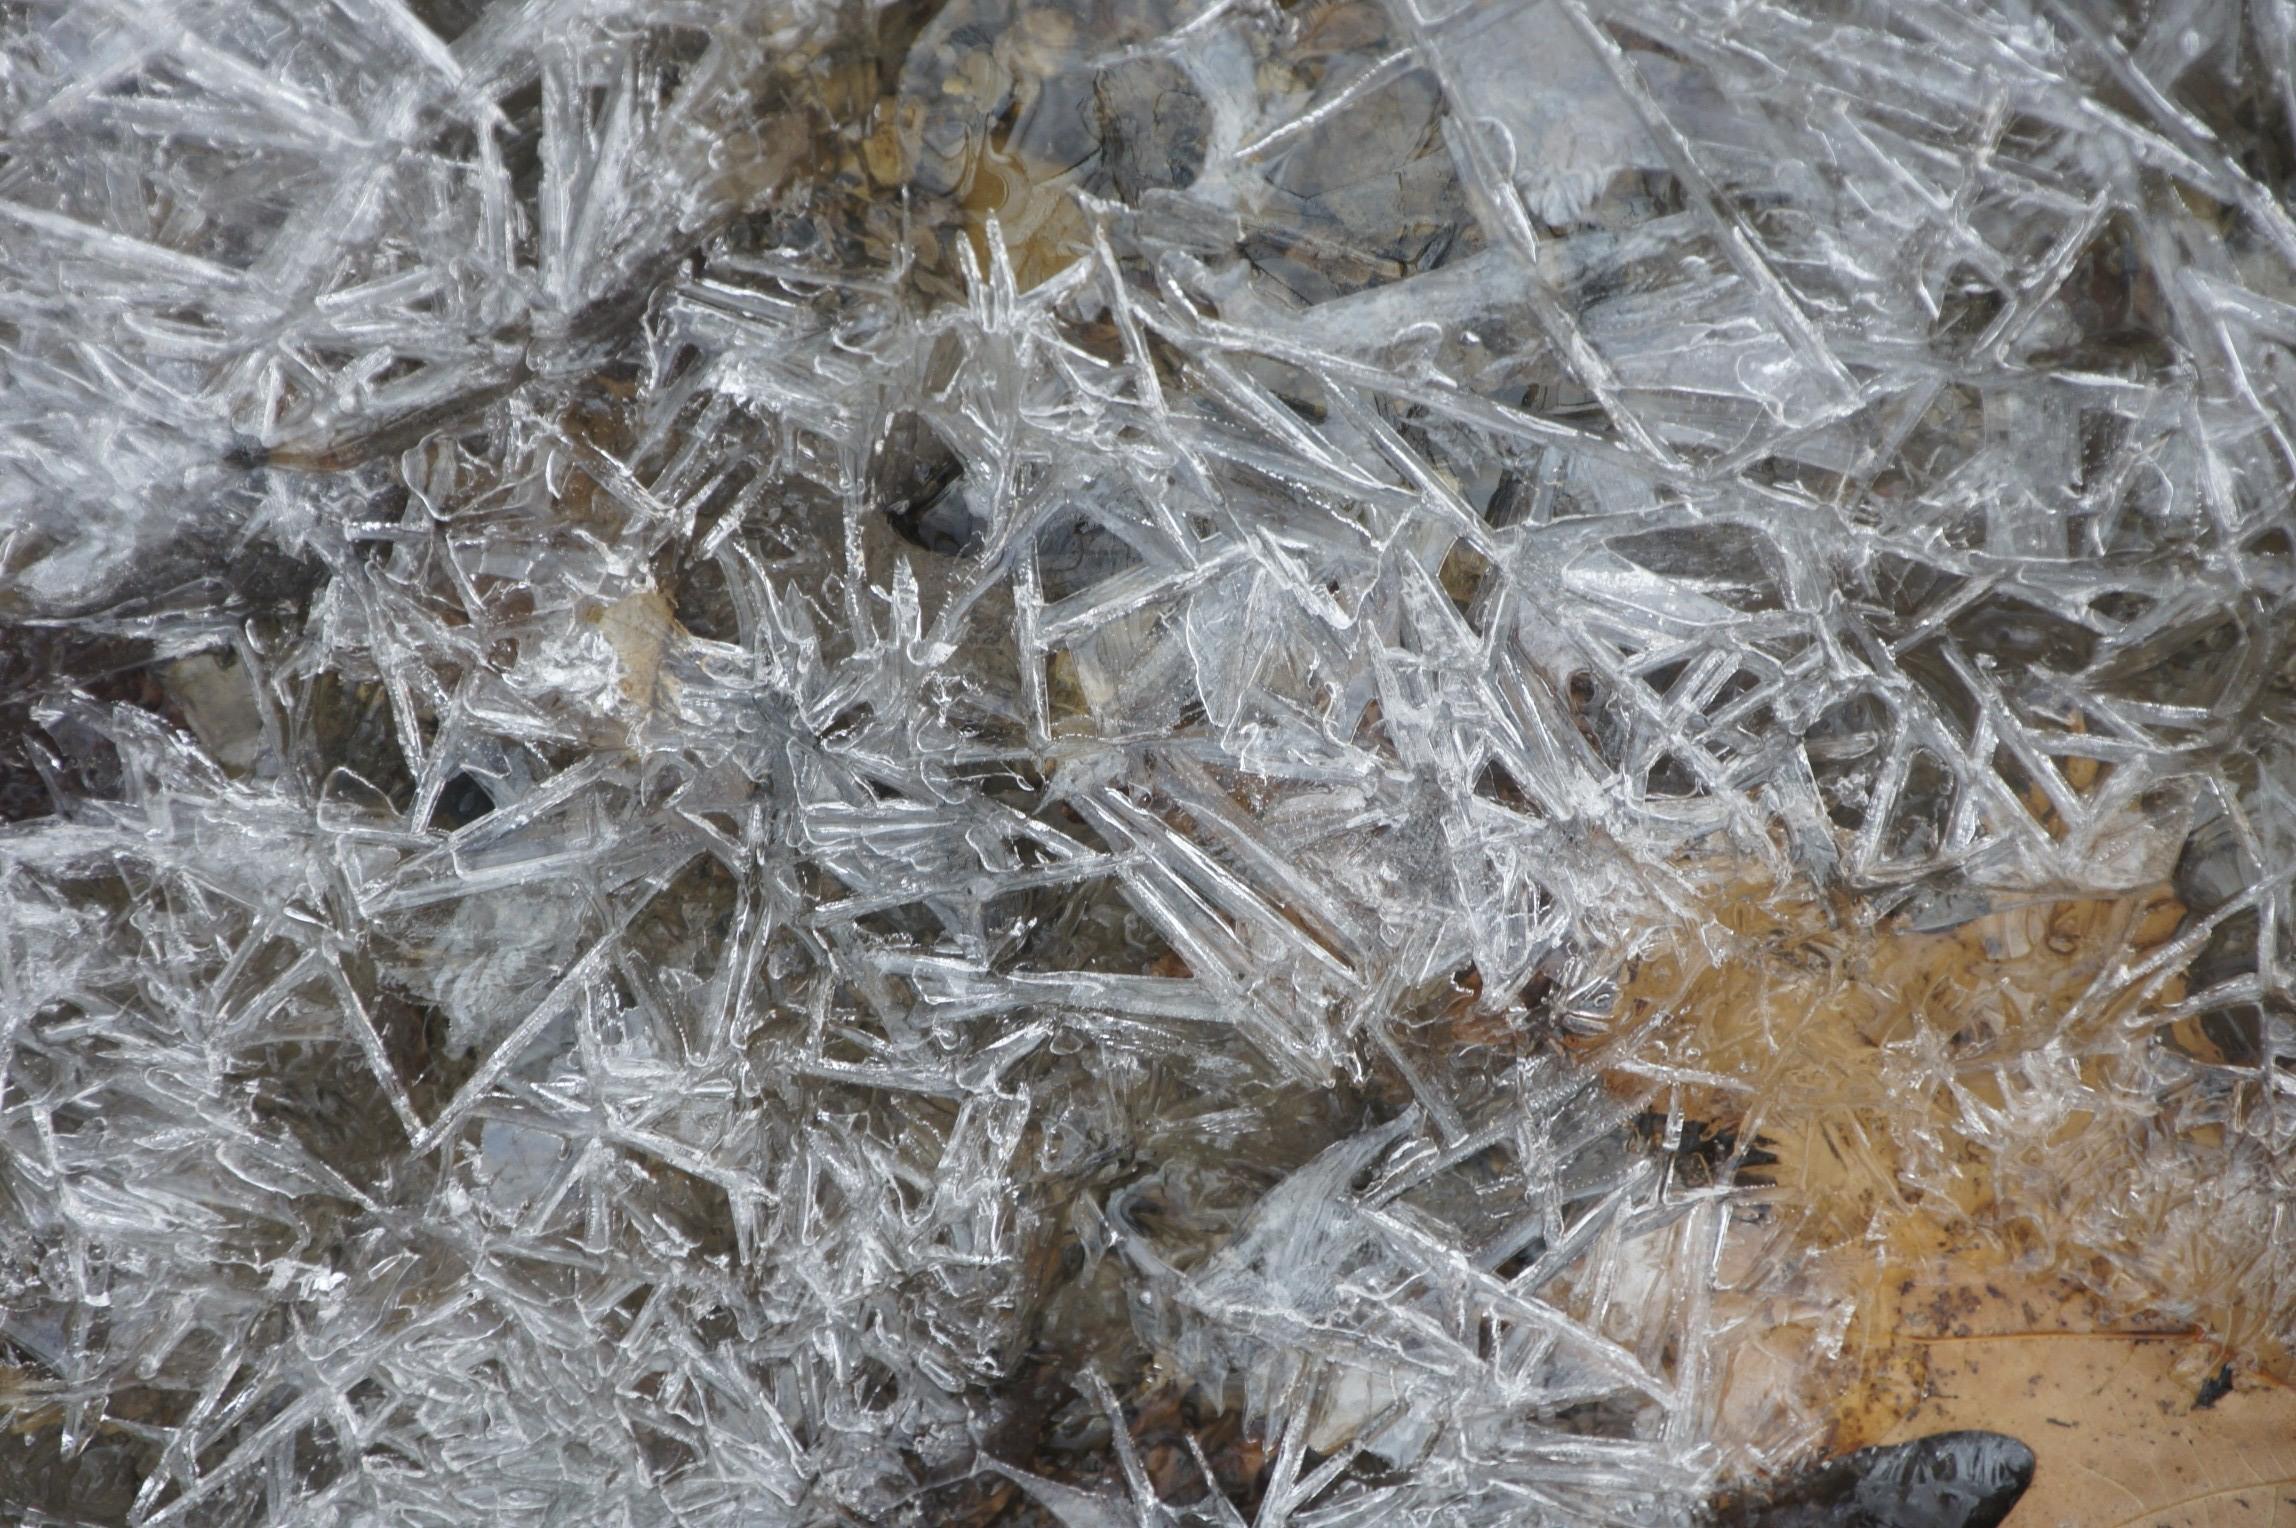 Ice on Creek